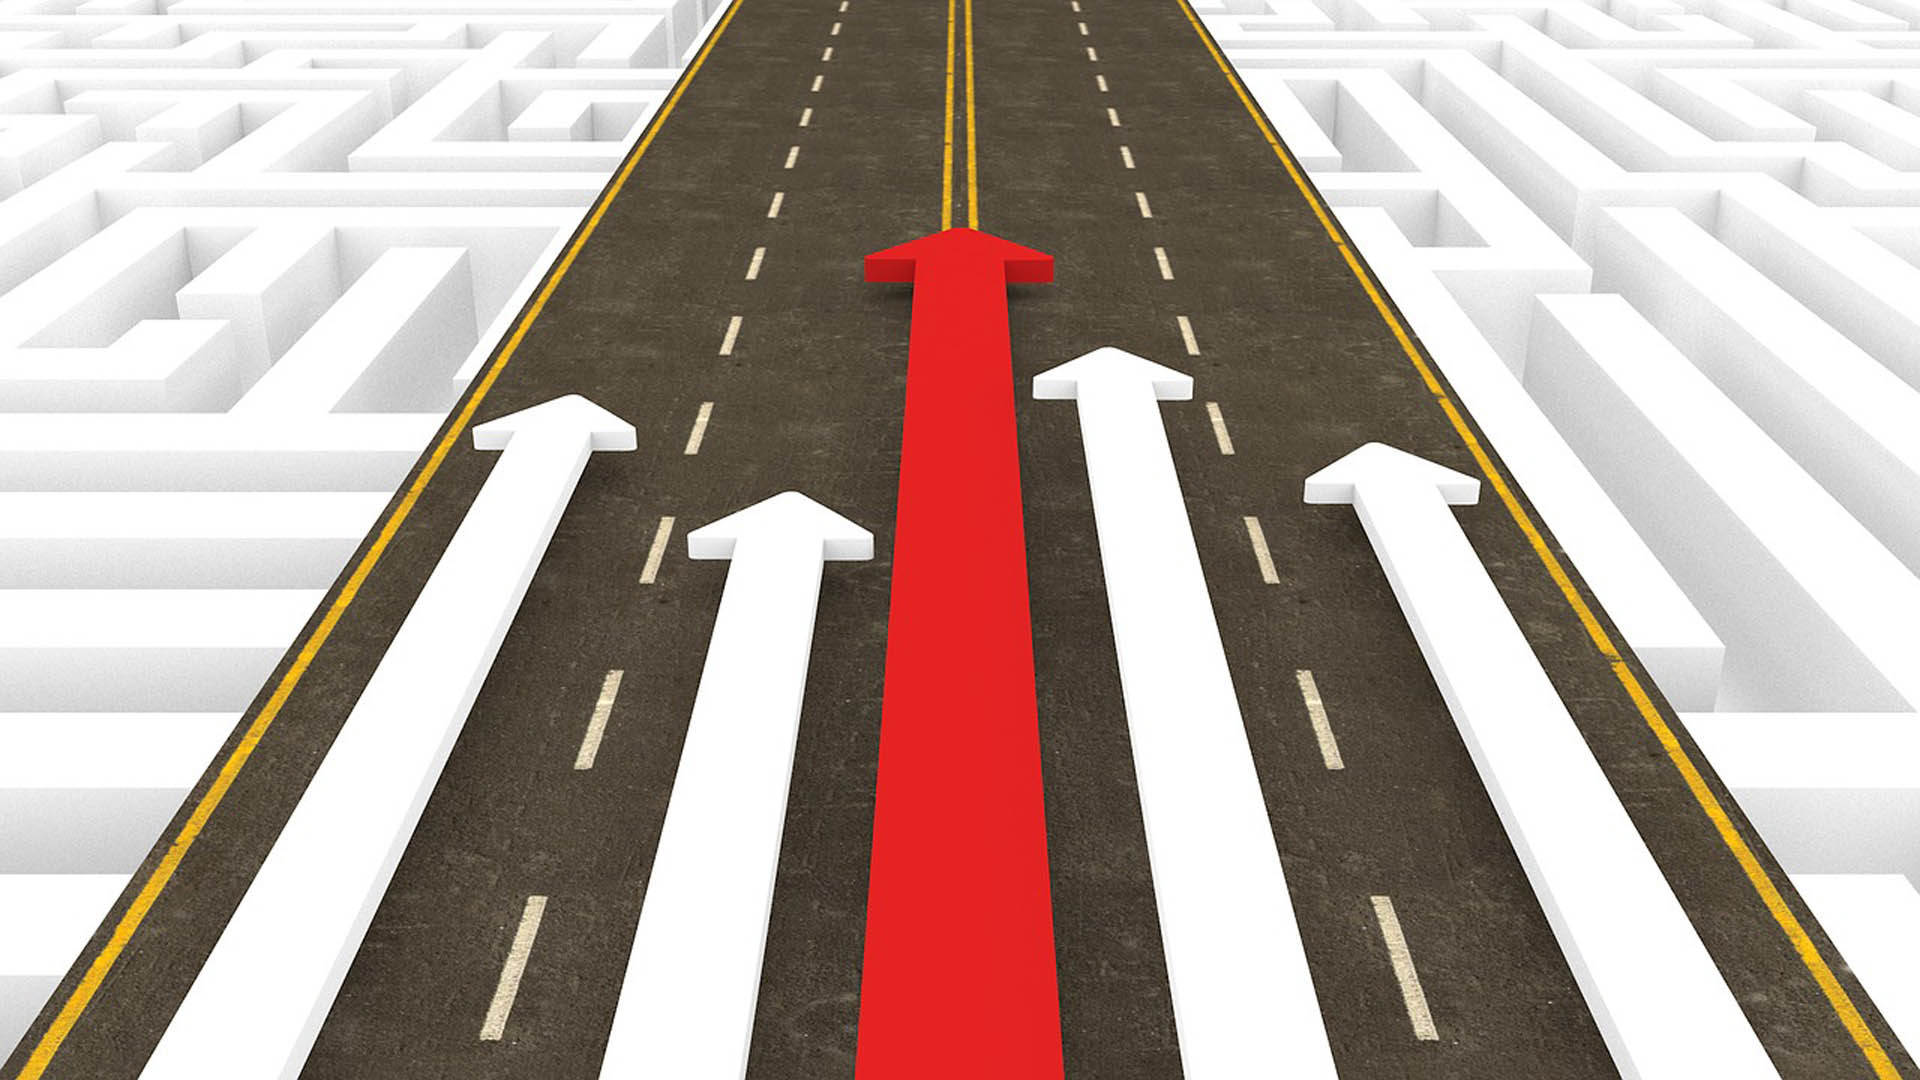 Американские водители крали знаки на дорогах: что предприняли власти страны